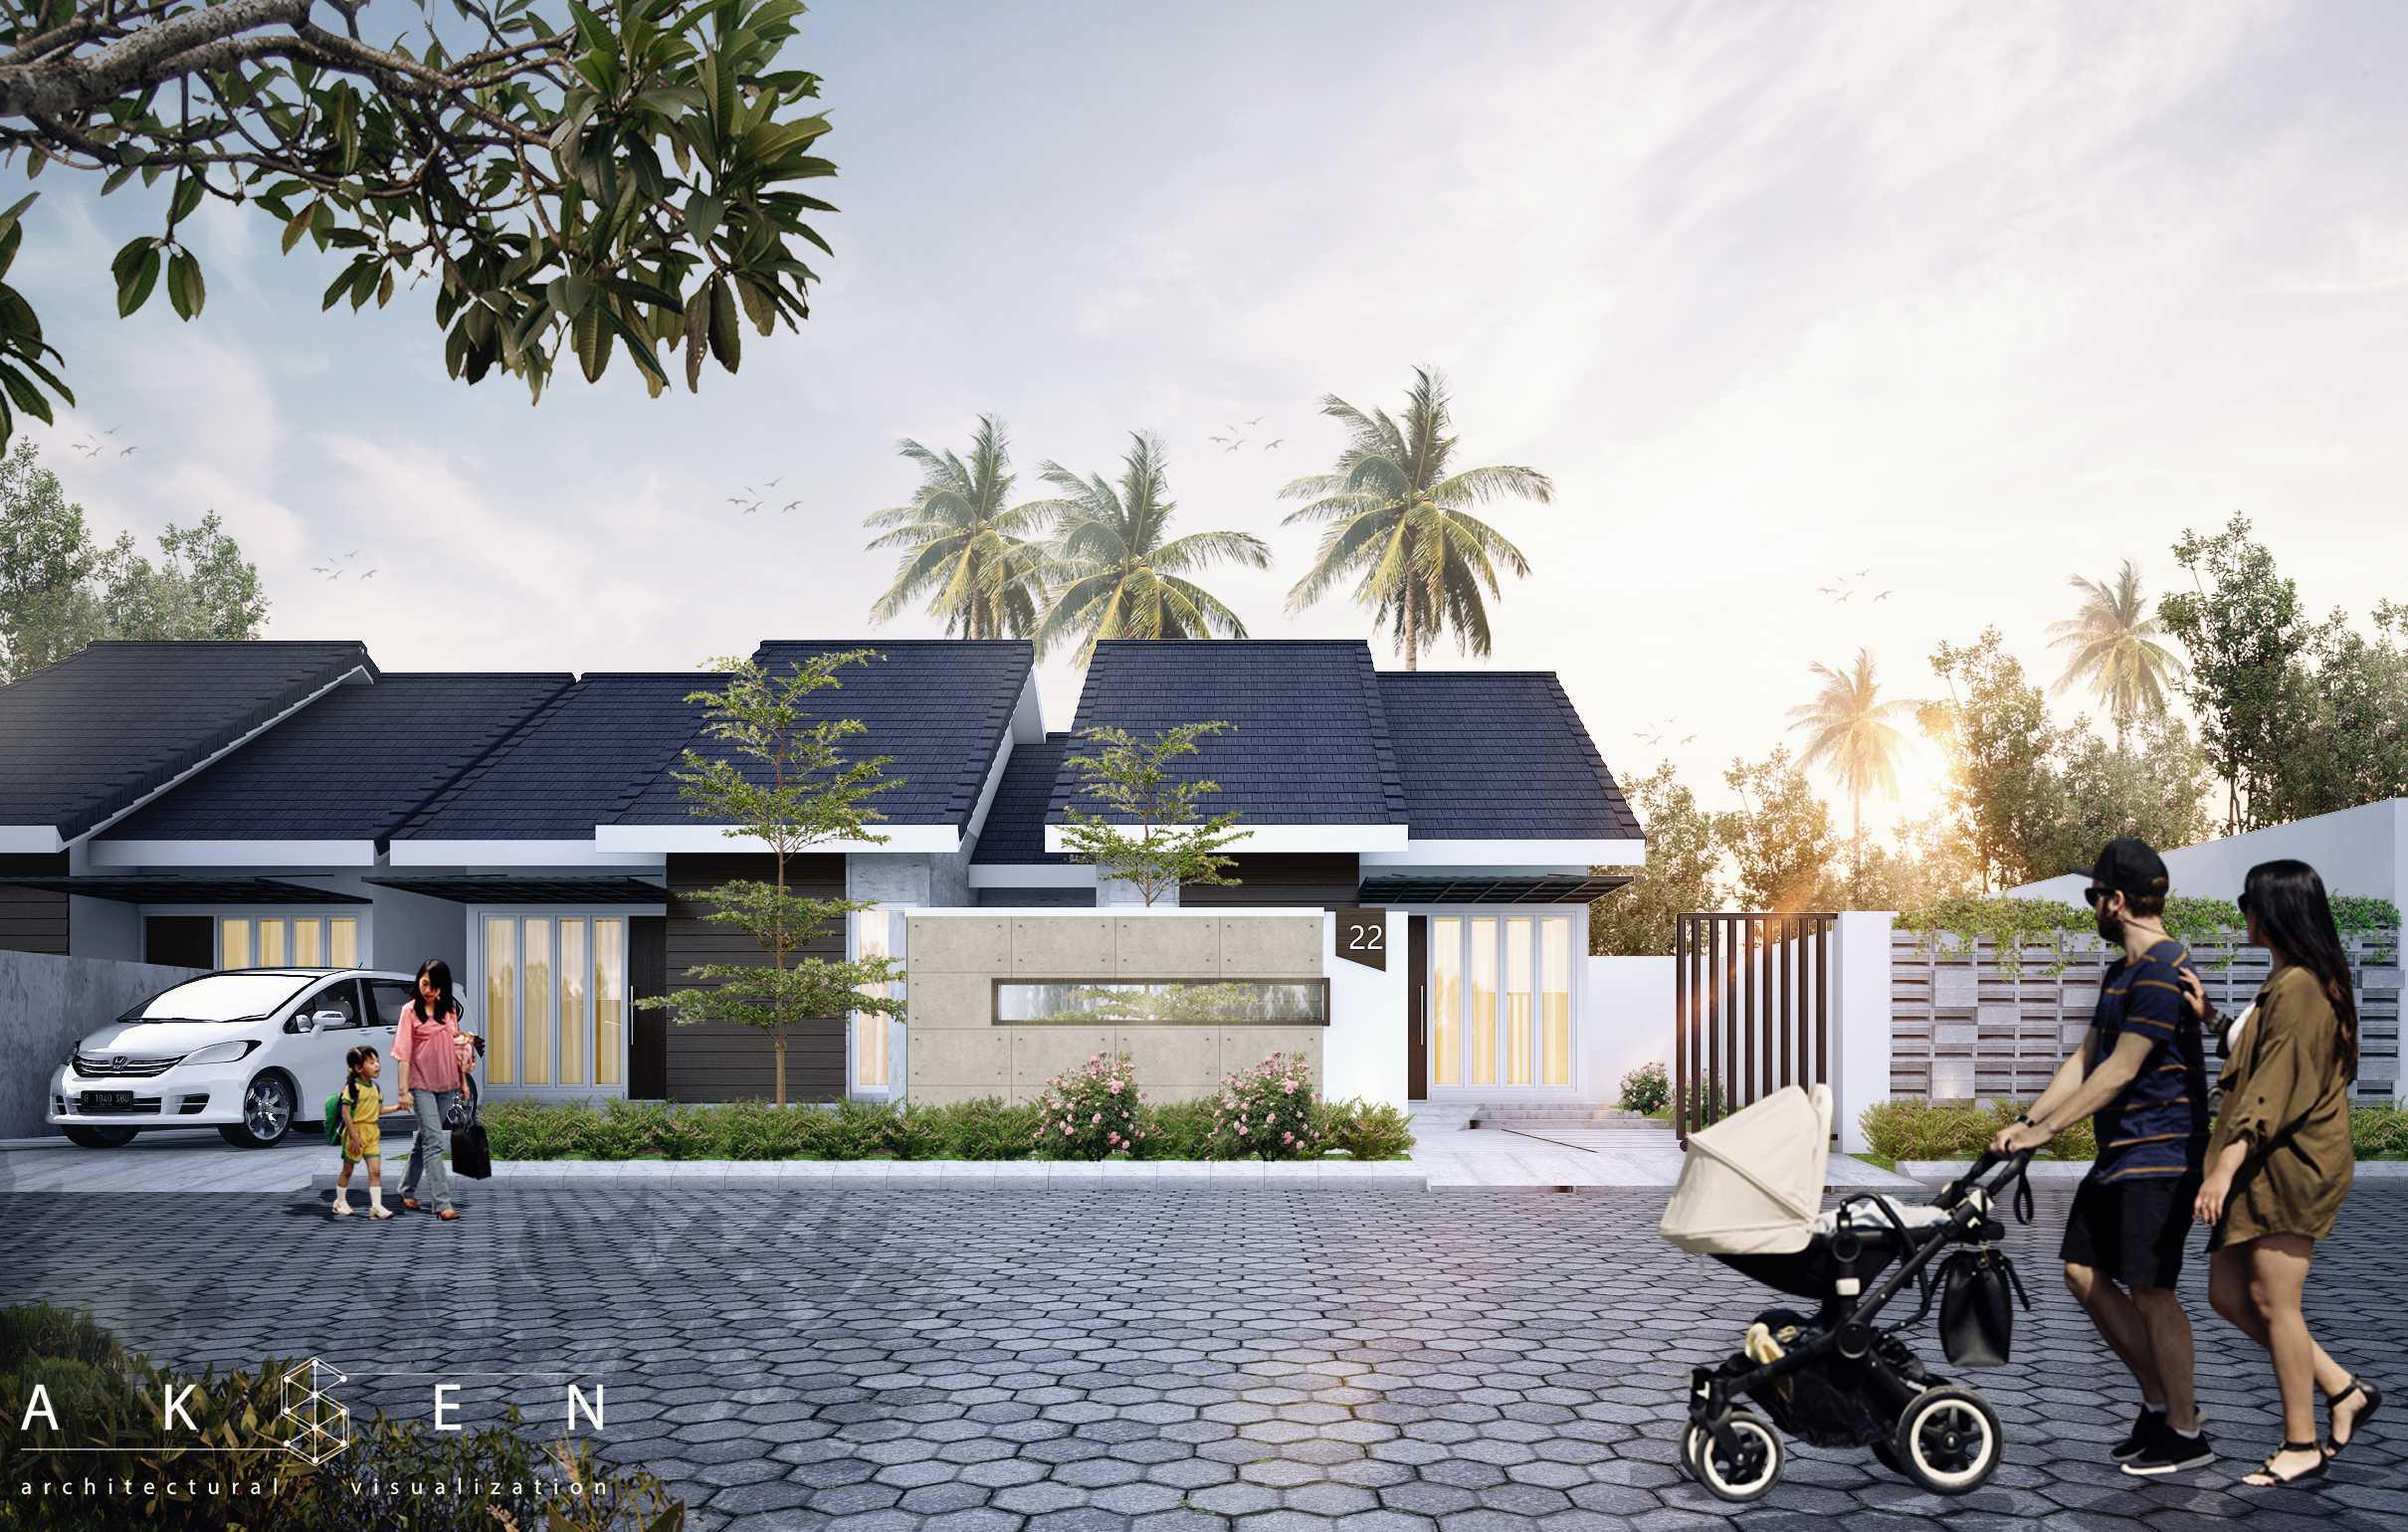 Aksen Architectural Visualization Fri House  Malang, Kota Malang, Jawa Timur, Indonesia Malang, Kota Malang, Jawa Timur, Indonesia Fri House - Front View Tropical  42543